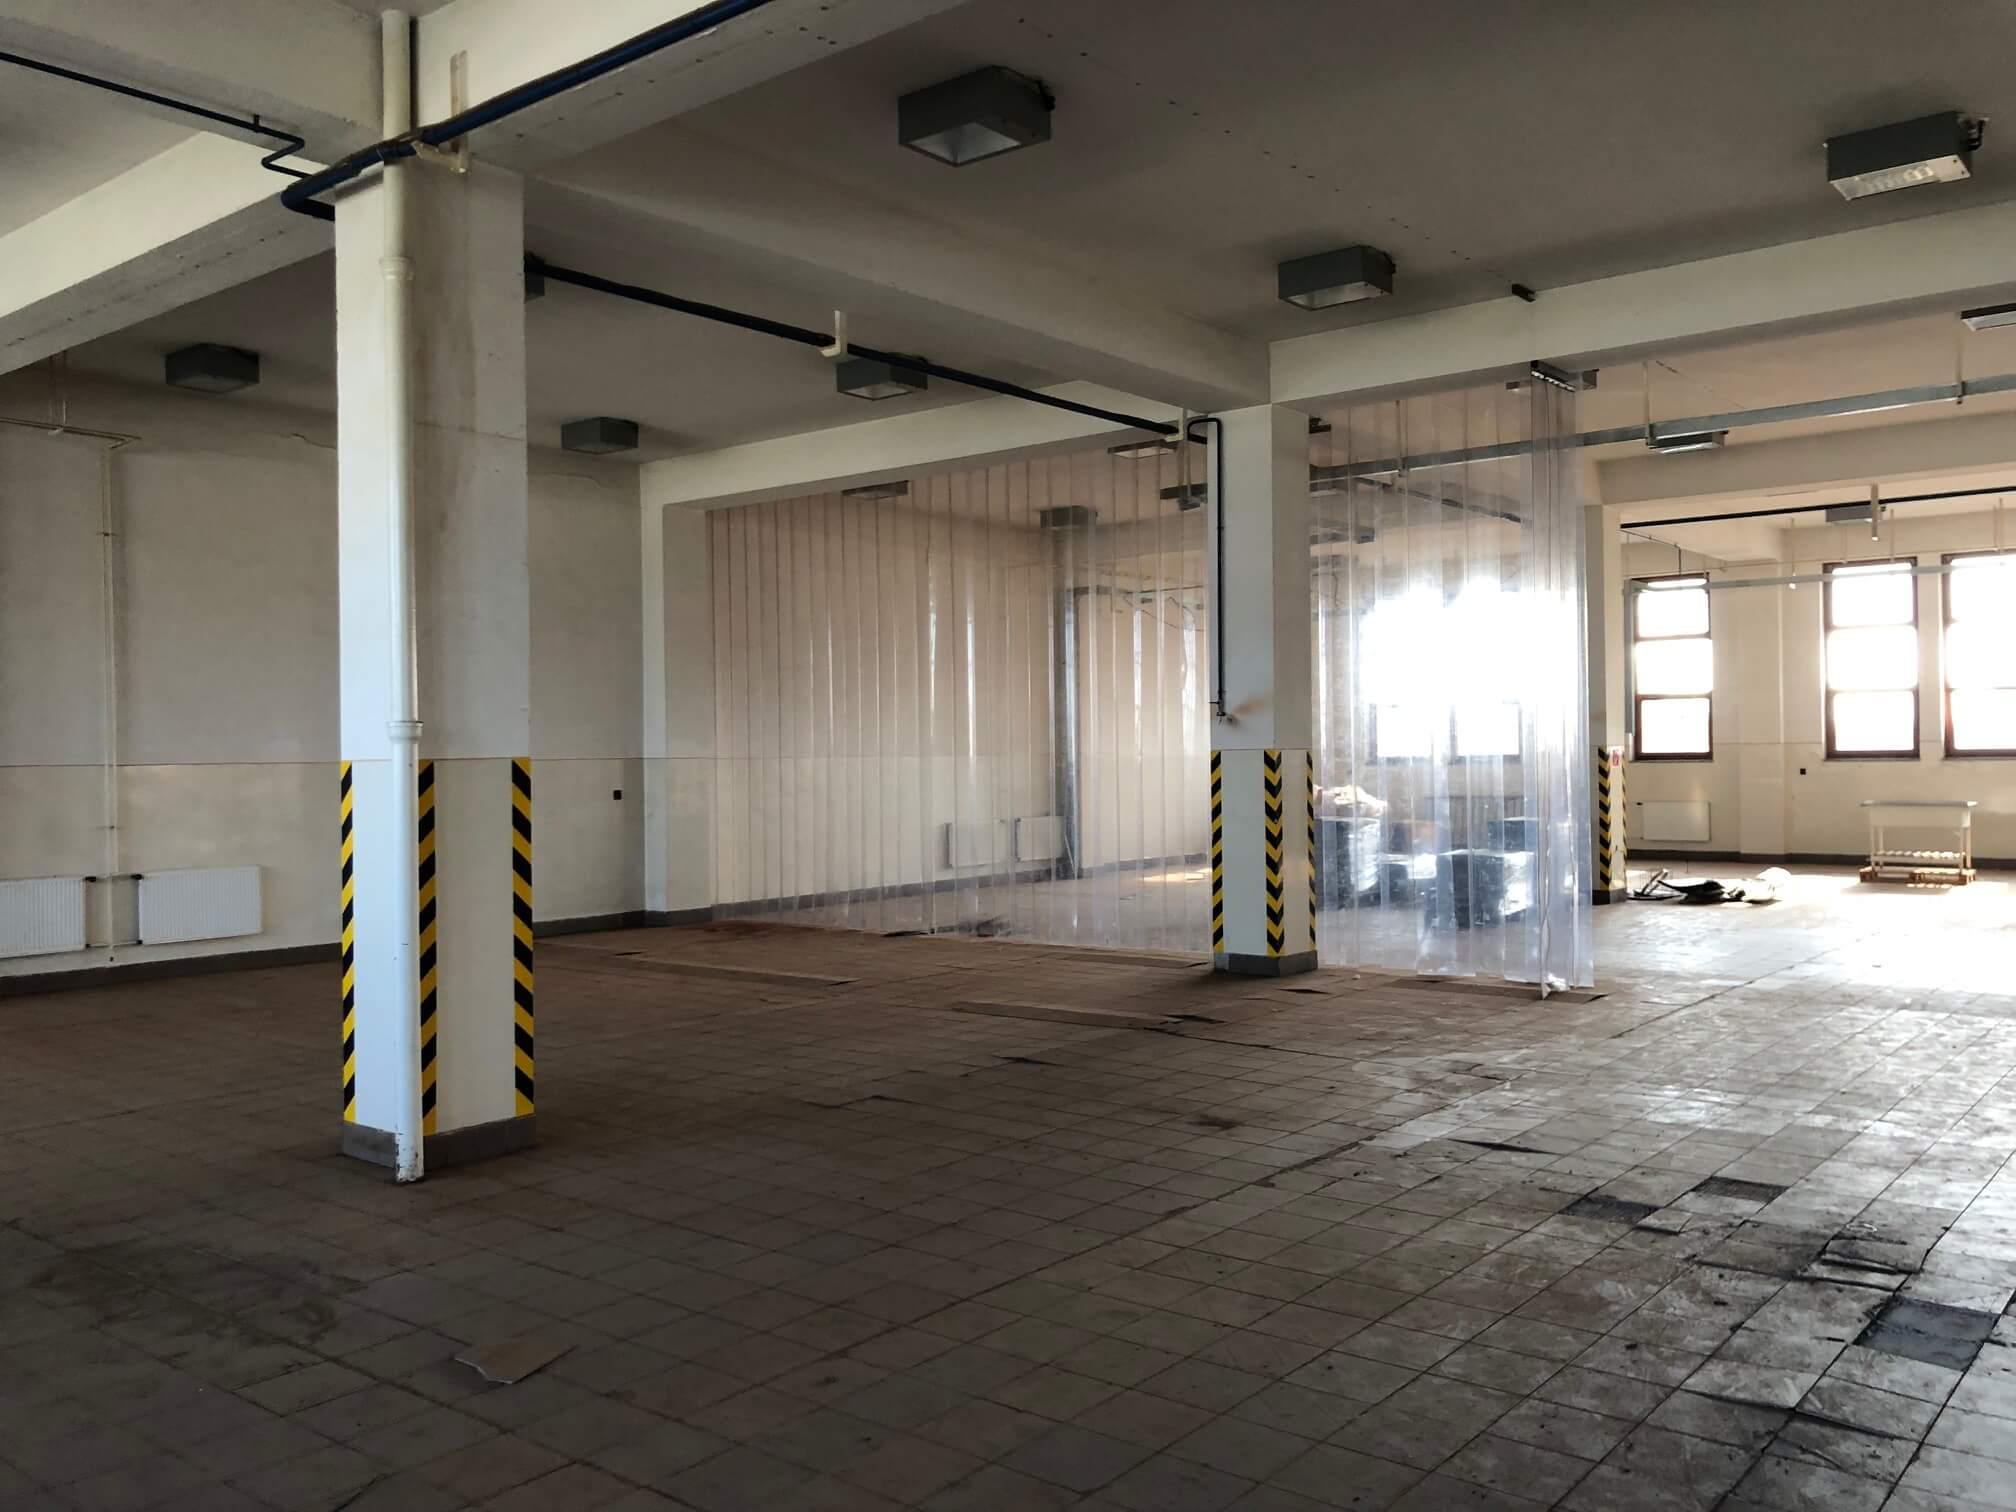 Na prenájom Budova skladov a výrobne v Dunajskej Strede, Drevárska, pozemok 2272m2, spolu 4 podlažia 4767m2-9